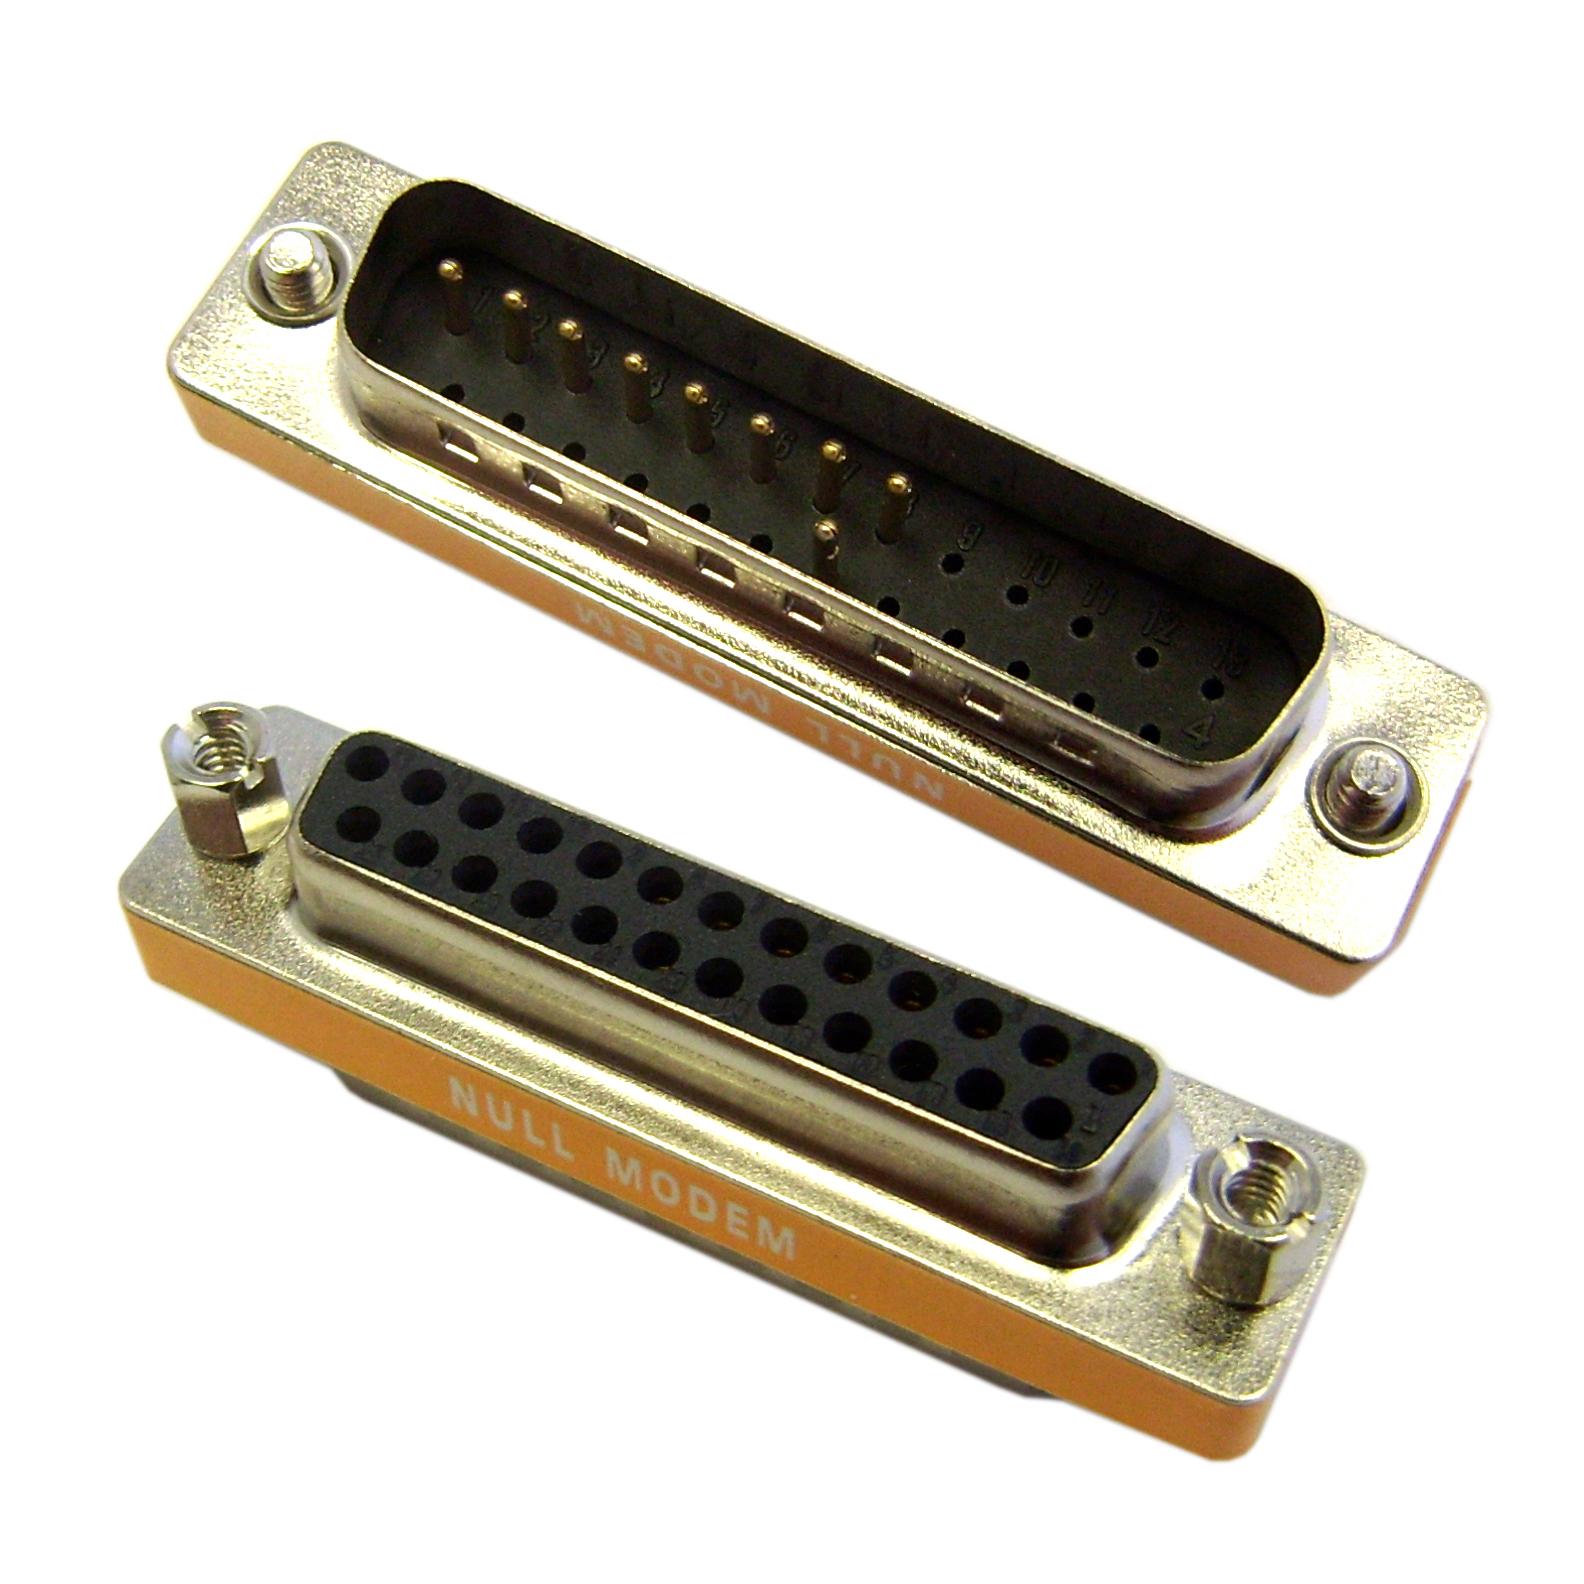 Db25 Male Db25 Female Mini Null Modem Adapter